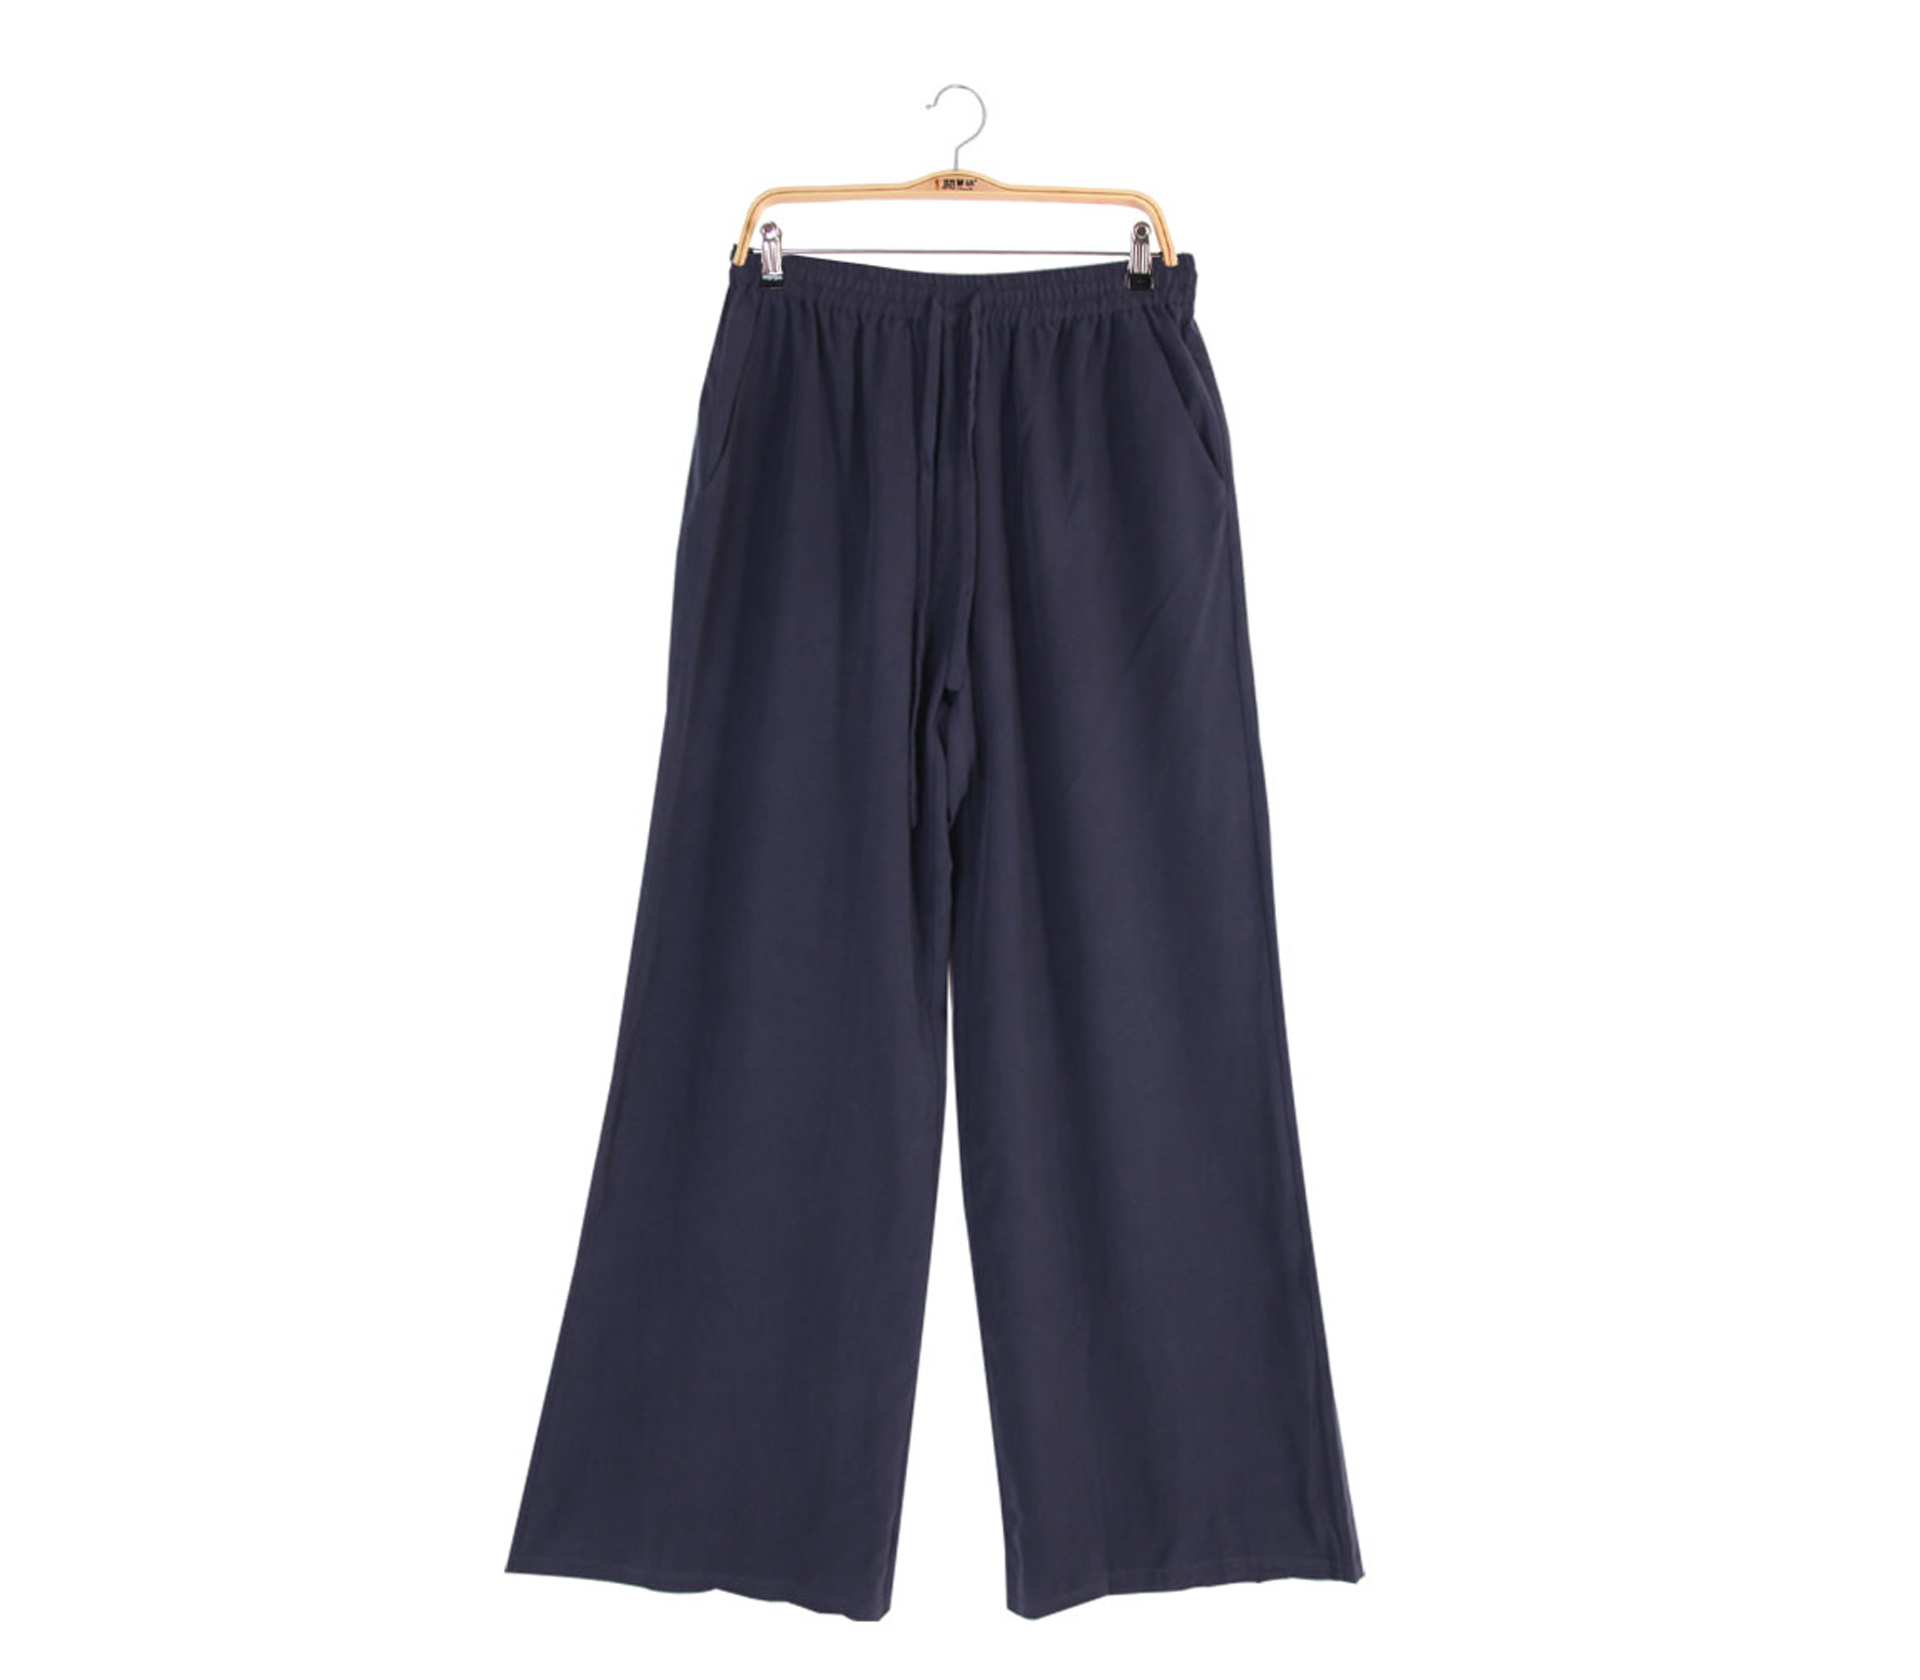 闕蘭絹100%蠶絲長褲 - 藏青色 - 6622